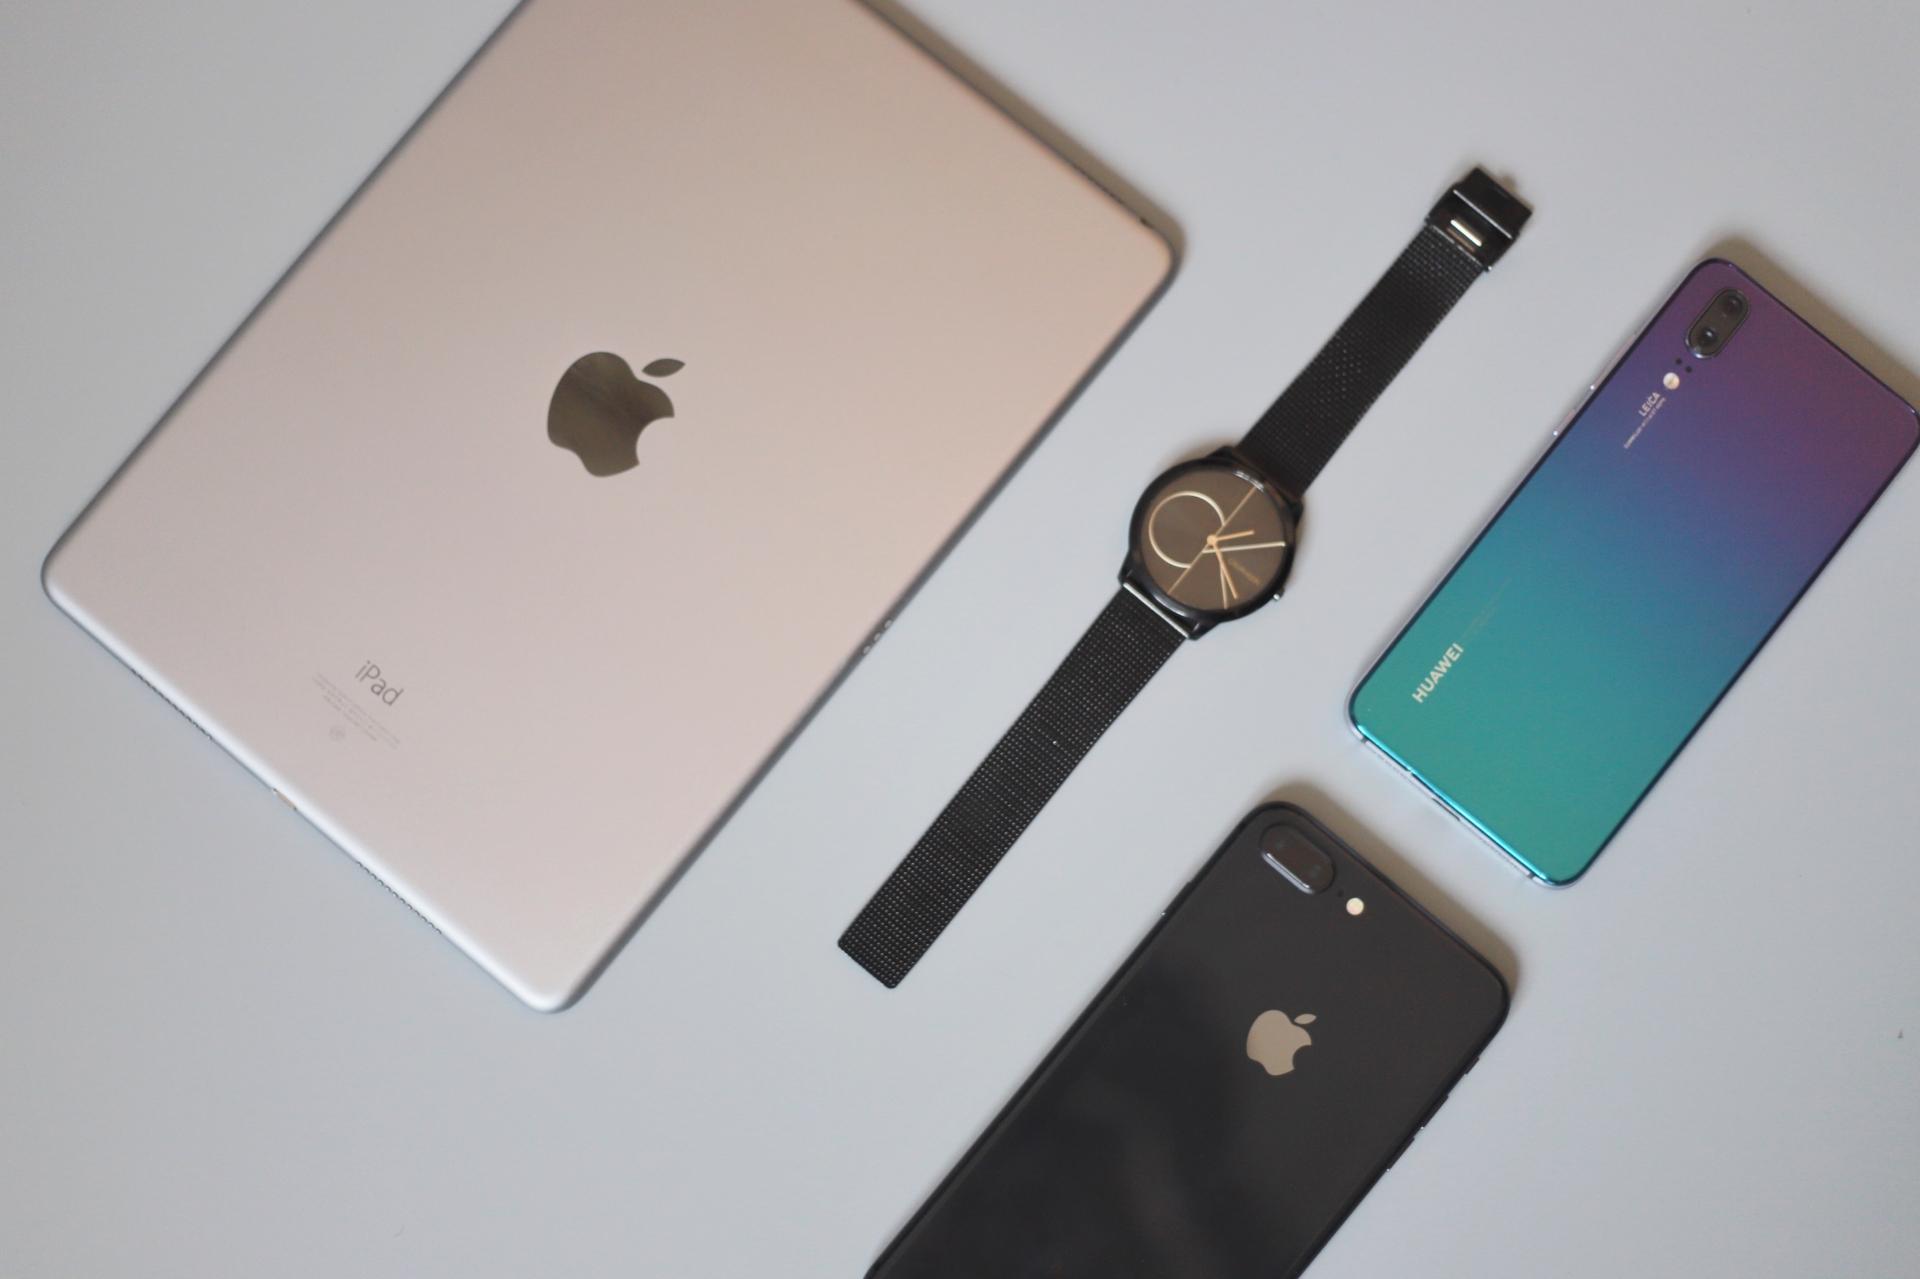 iPhone 13 Pro全新概念渲染图曝光 指纹传感器将首次置于屏幕下方